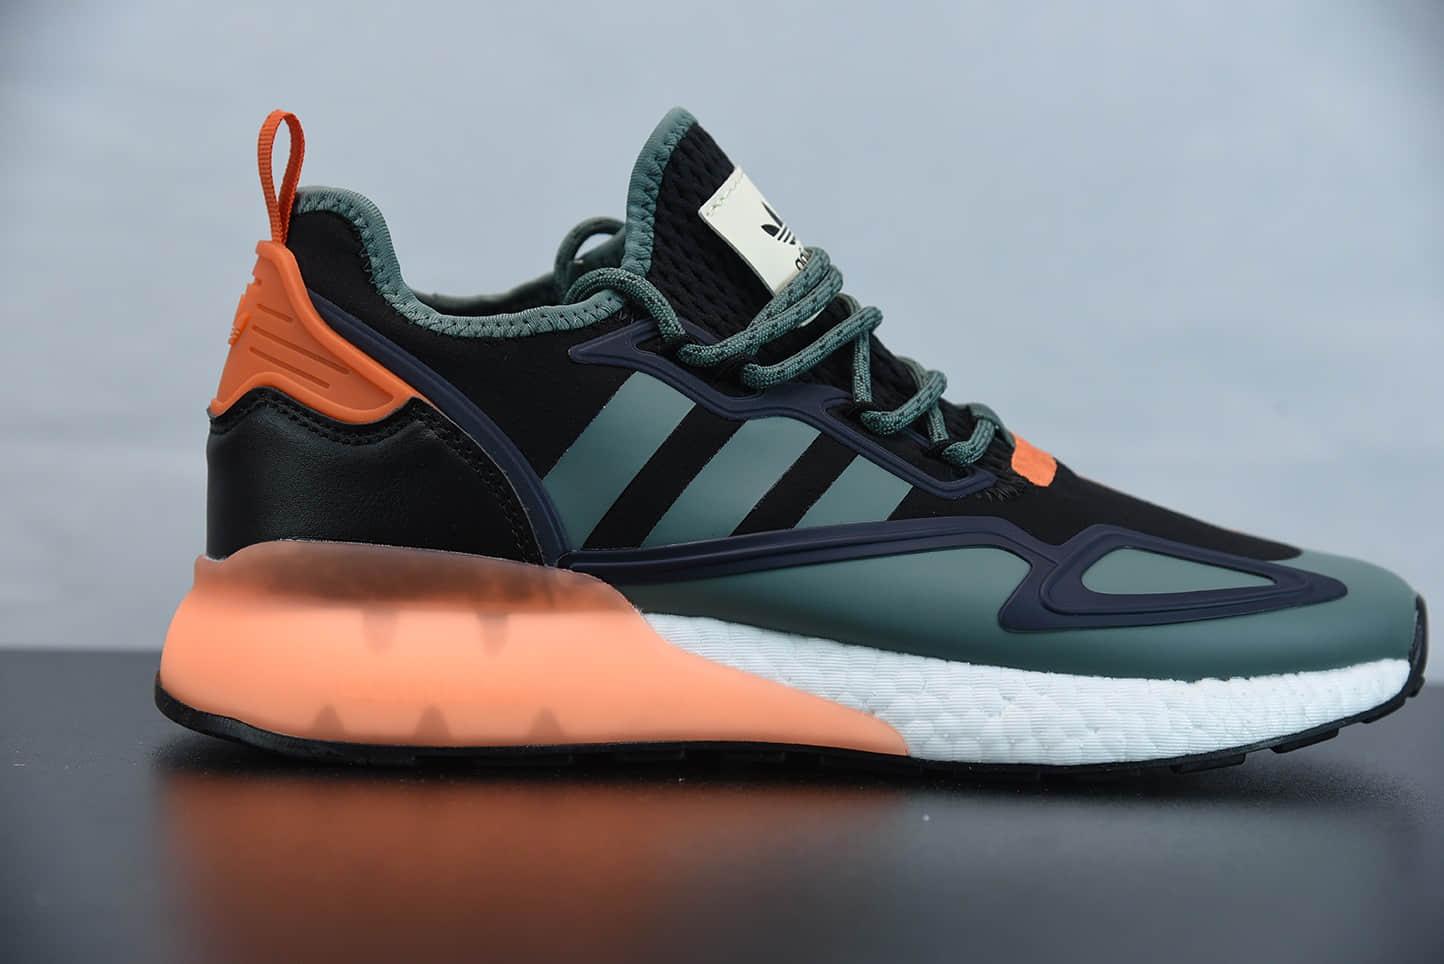 阿迪达斯 Adidas Originals ZX 2K Boost黑绿橙深蓝色震休闲运动跑鞋纯原版本 货号:FZ0218